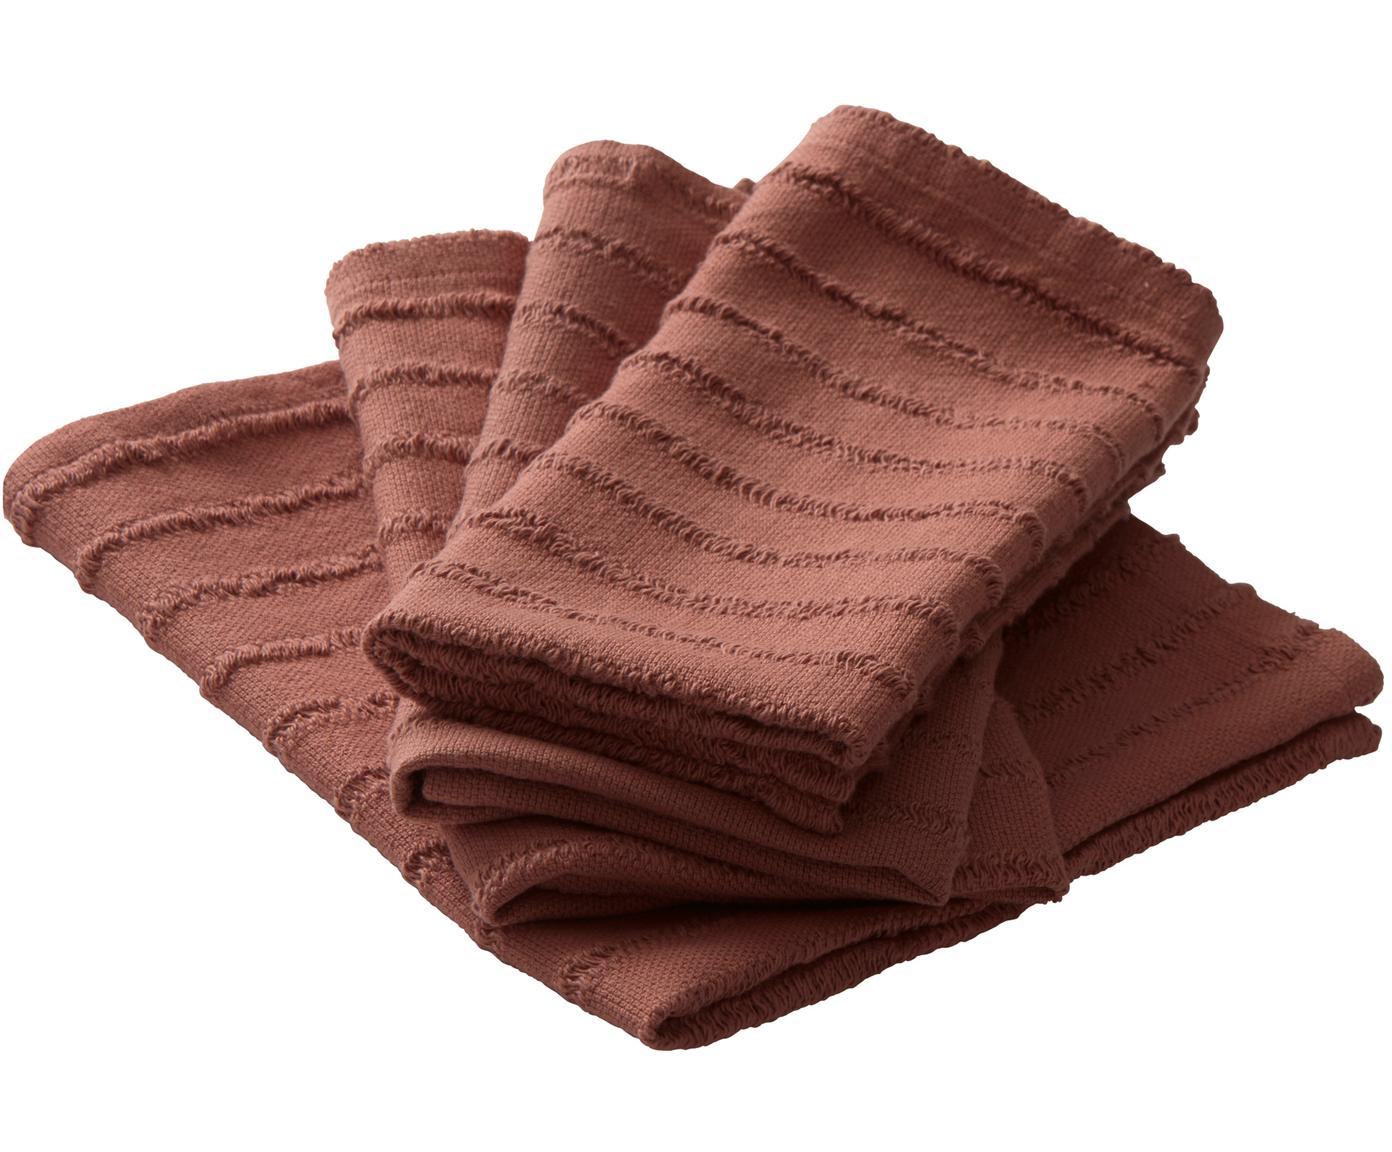 Tovagliolo in cotone Loveli 4 pz, Cotone, Rosso terracotta, Larg. 42 x Lung. 42 cm